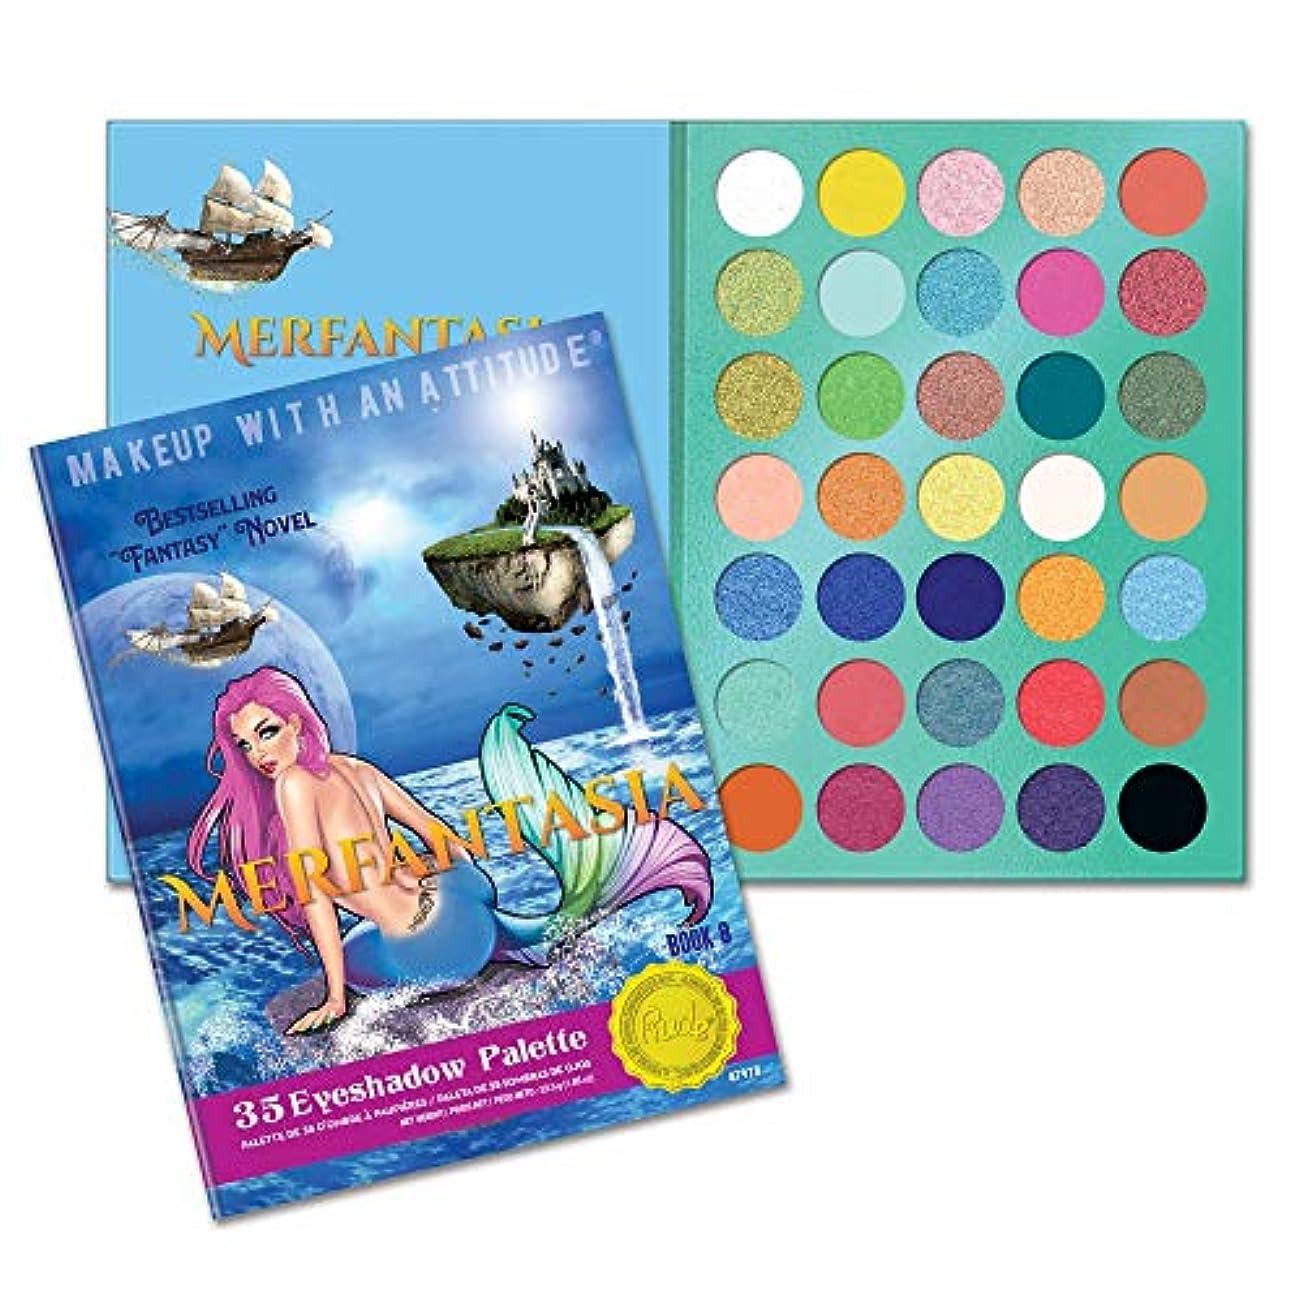 前任者解釈する喜びRUDE? Merfantasia 35 Eyeshadow Palette - Book 8 (並行輸入品)